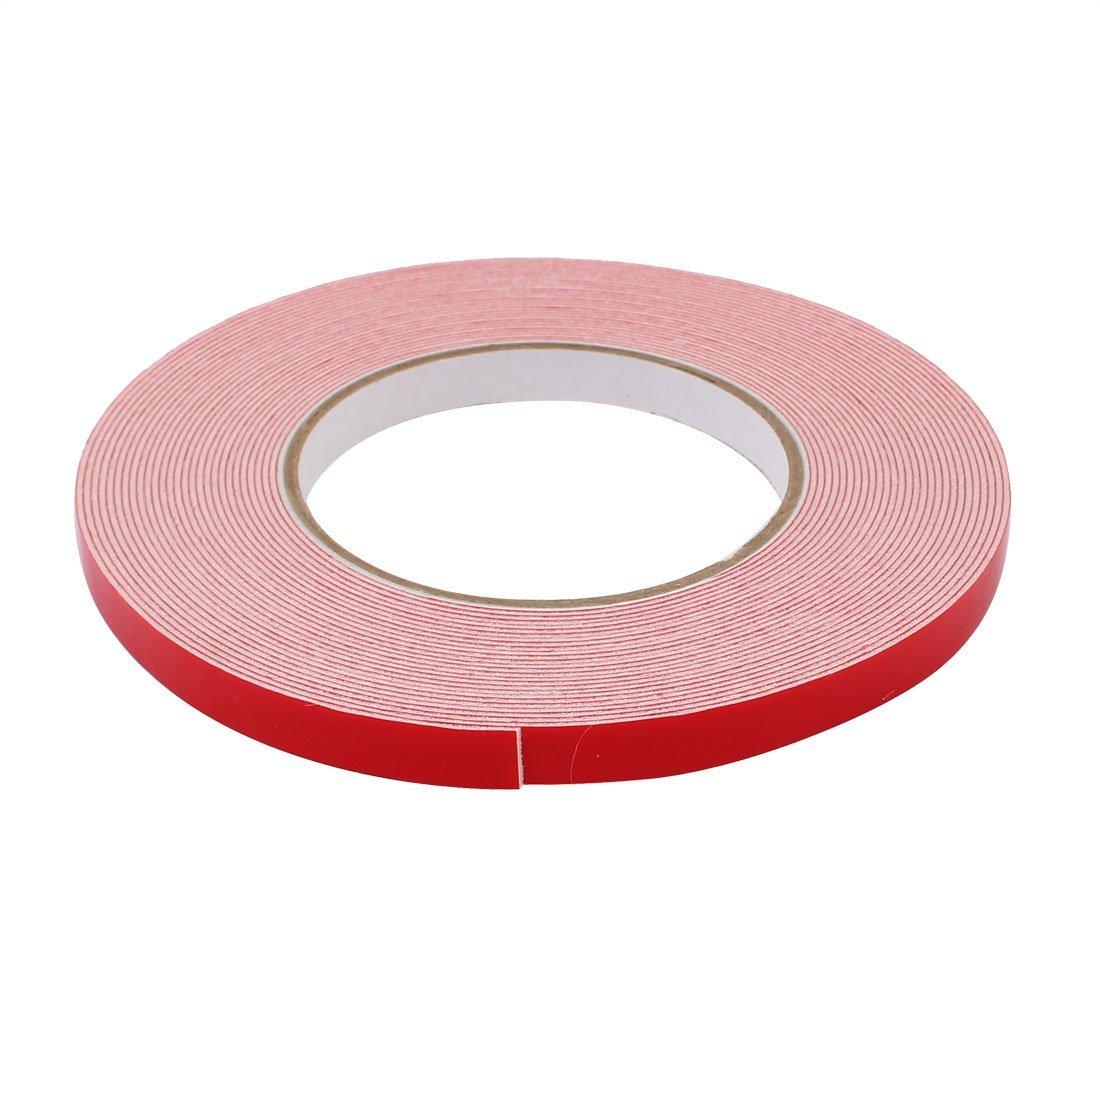 eDealMax 10M Longitud x 10 mm Anchura blanca doble cara auto-adhesivo de la cinta de espuma de la esponja para el coche - - Amazon.com